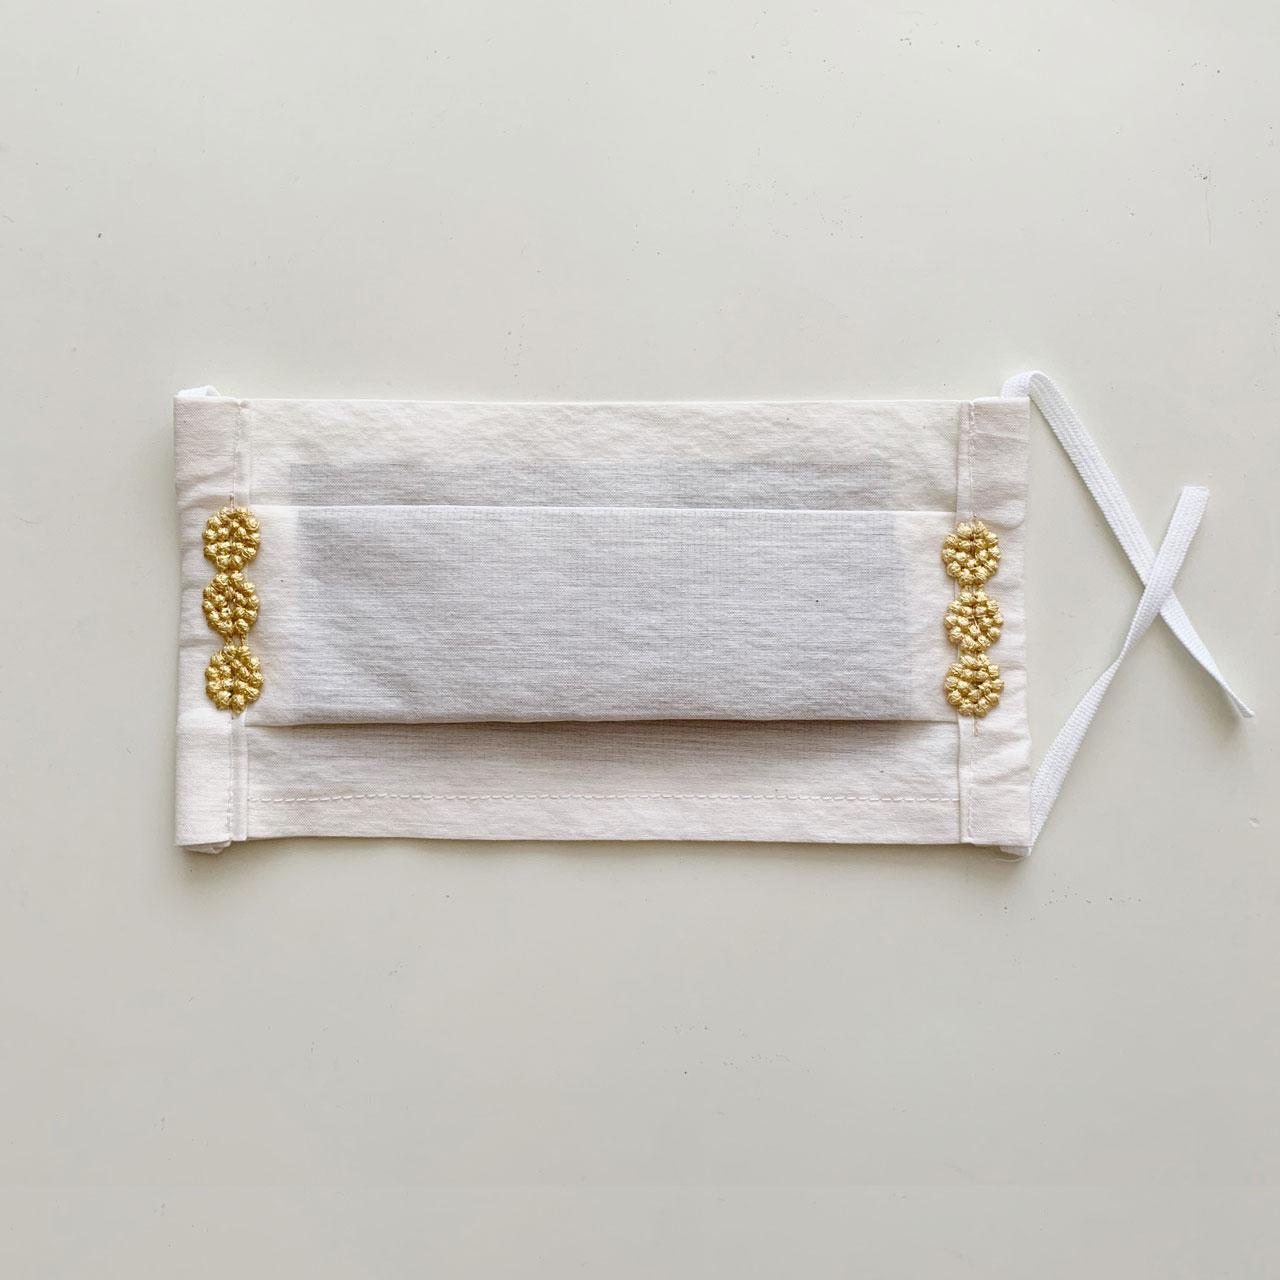 お出かけマスク、ワンタックプリーツマスク「金箔レースドットG」医化学的繊維と銀の糸を使った抗菌防臭